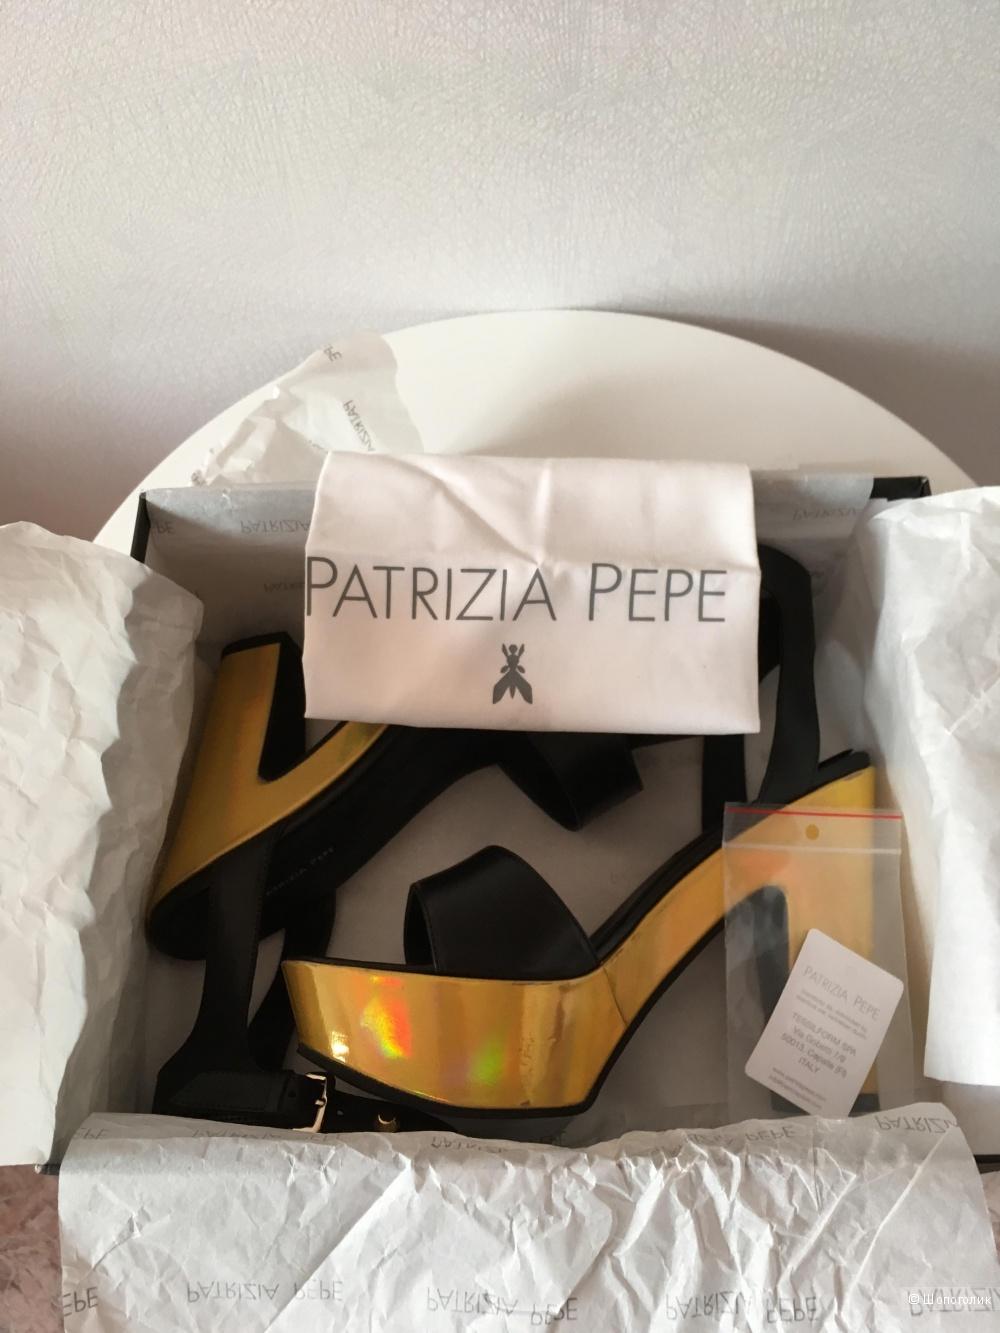 Босоножки Patrizia Pepe, 39 размер